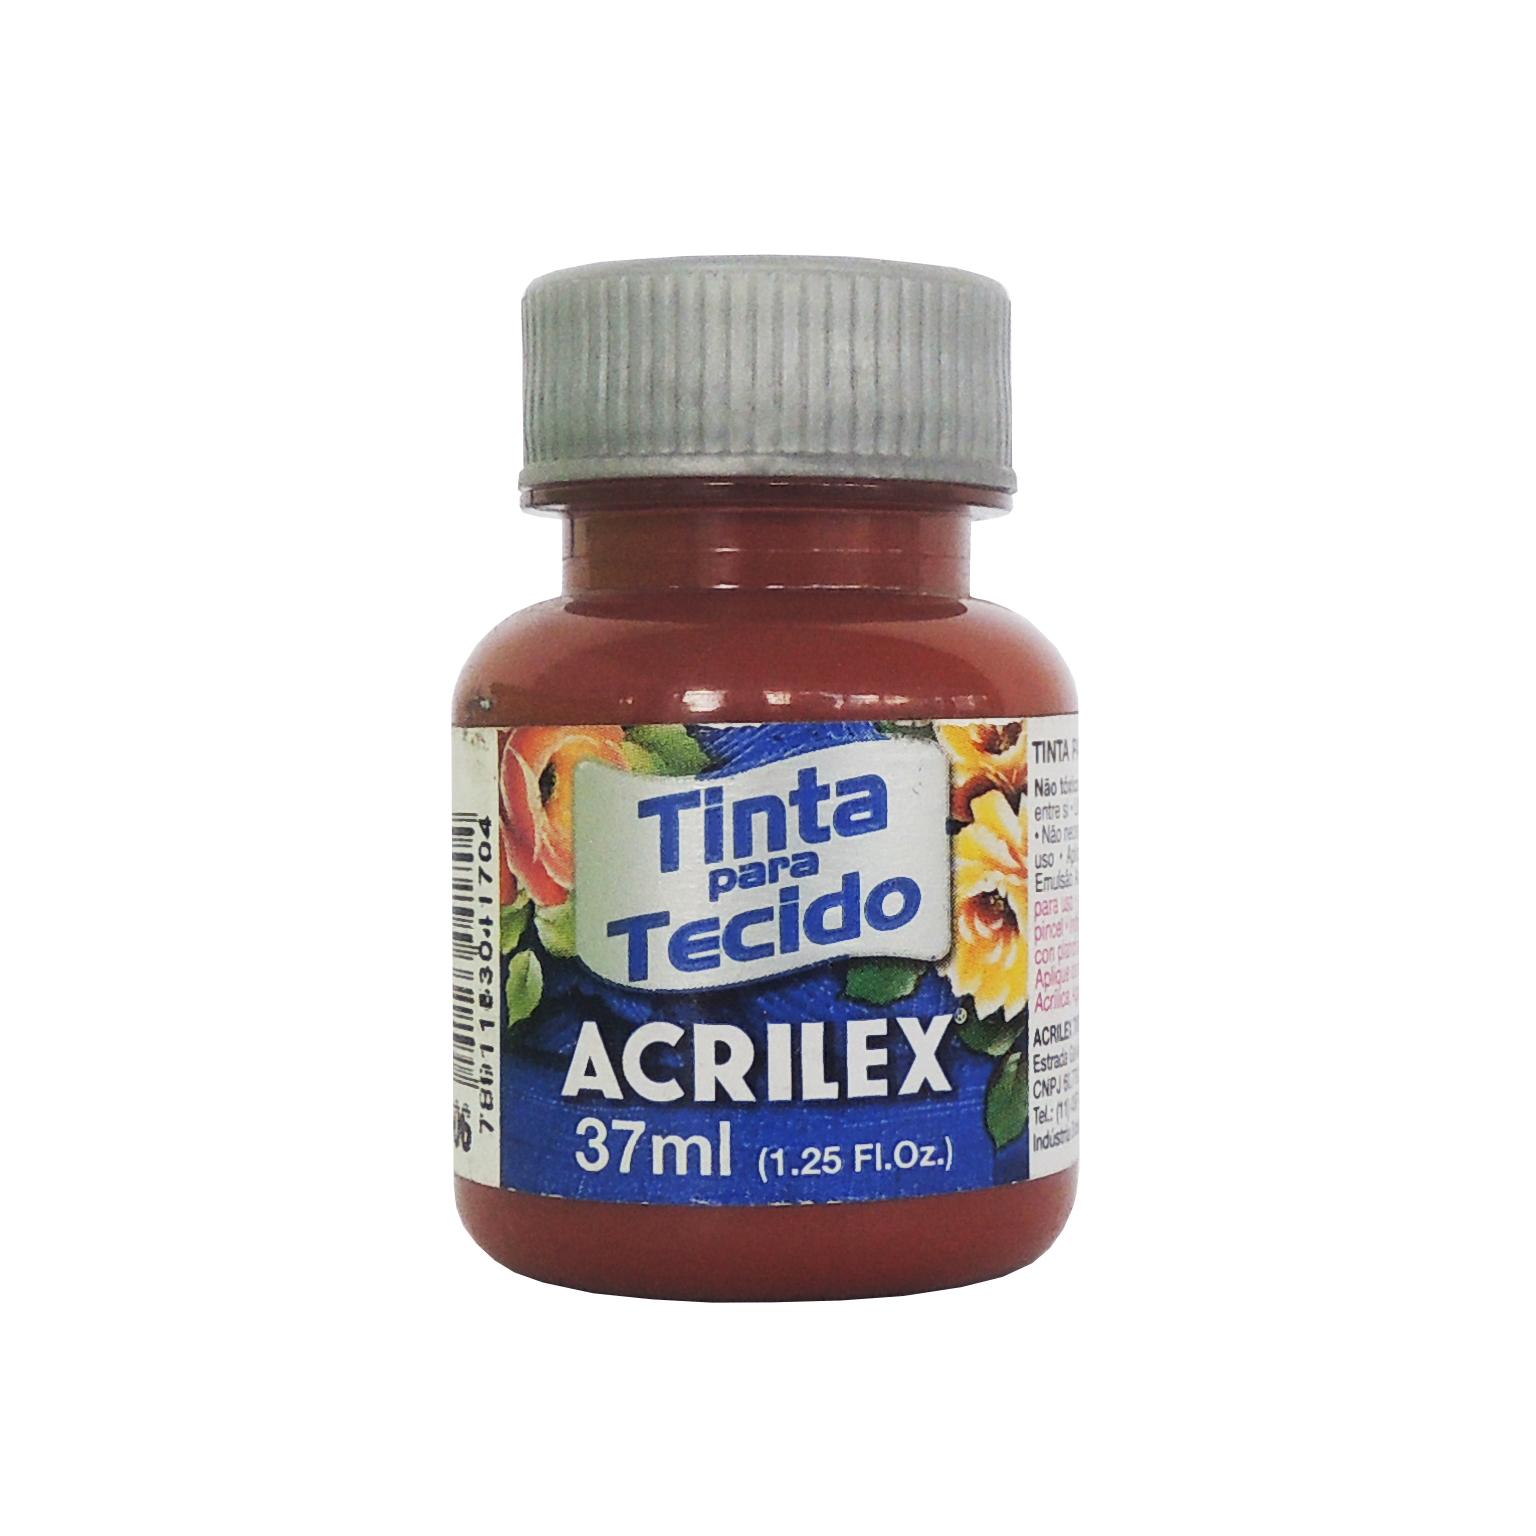 Tinta-para-Tecido-Acrilex-37-ml-506-Ceramica